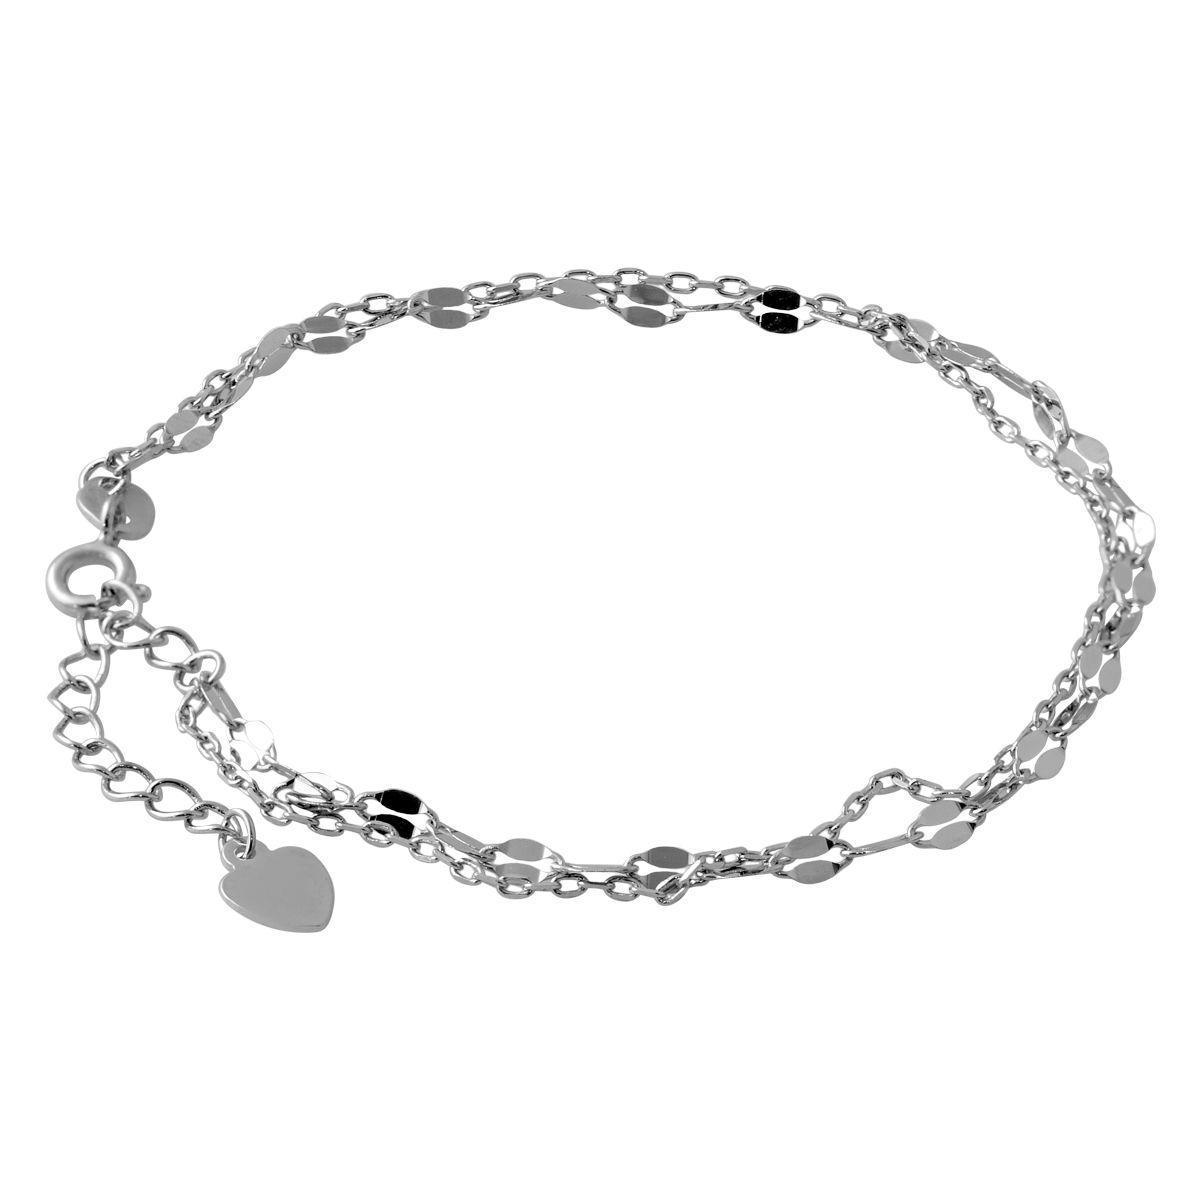 Серебряный браслет pSilverAlex без камней (2066828) 1720 размер